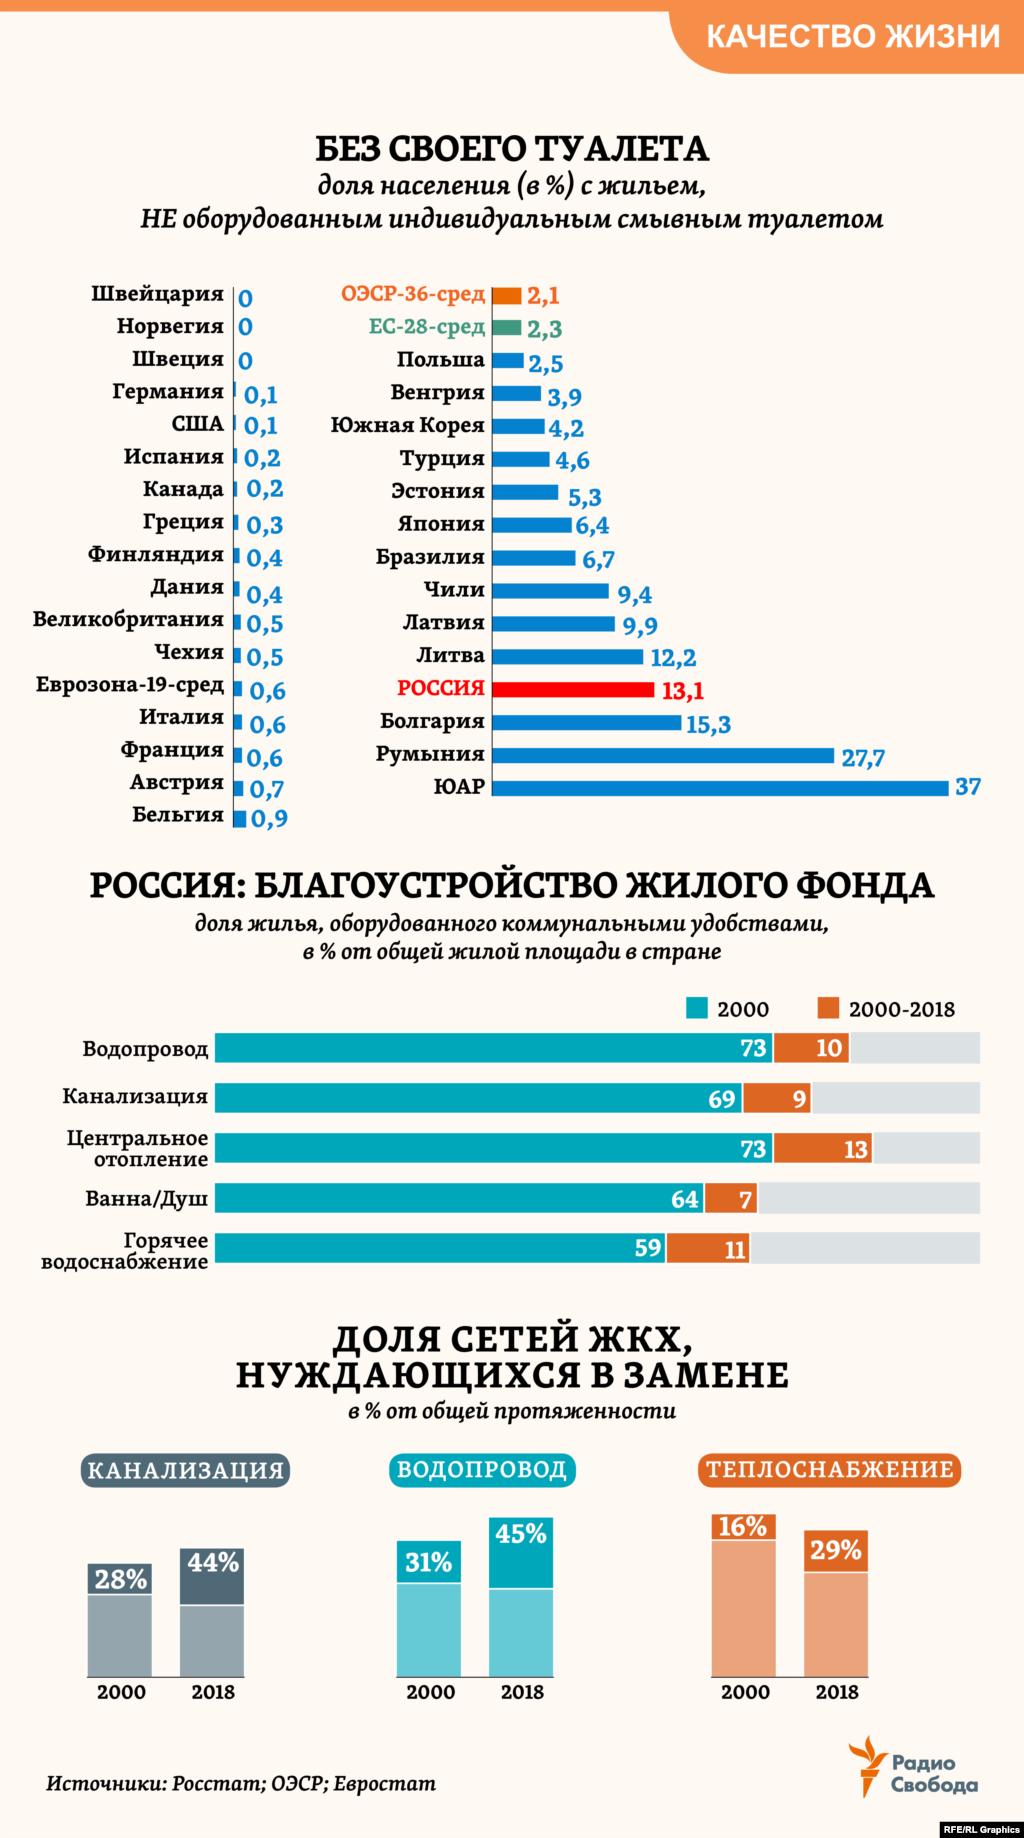 Более 13% российских семей проживают в квартирах и домах, в которых нет своих туалетов (для сравнения, в среднемпо Европе – 2,3%), а в целом 22% домохозяйств в стране не имеют доступа к централизованной или индивидуальной канализации, выяснил осенью 2018 года Росстат в ходе собственного исследования. При этом доля водопроводных сетей и канализации, подлежащих замене, в общей протяженности таких сетей в стране, по данным официальной статистики, возросла с 2000 года в 1,5 раза.